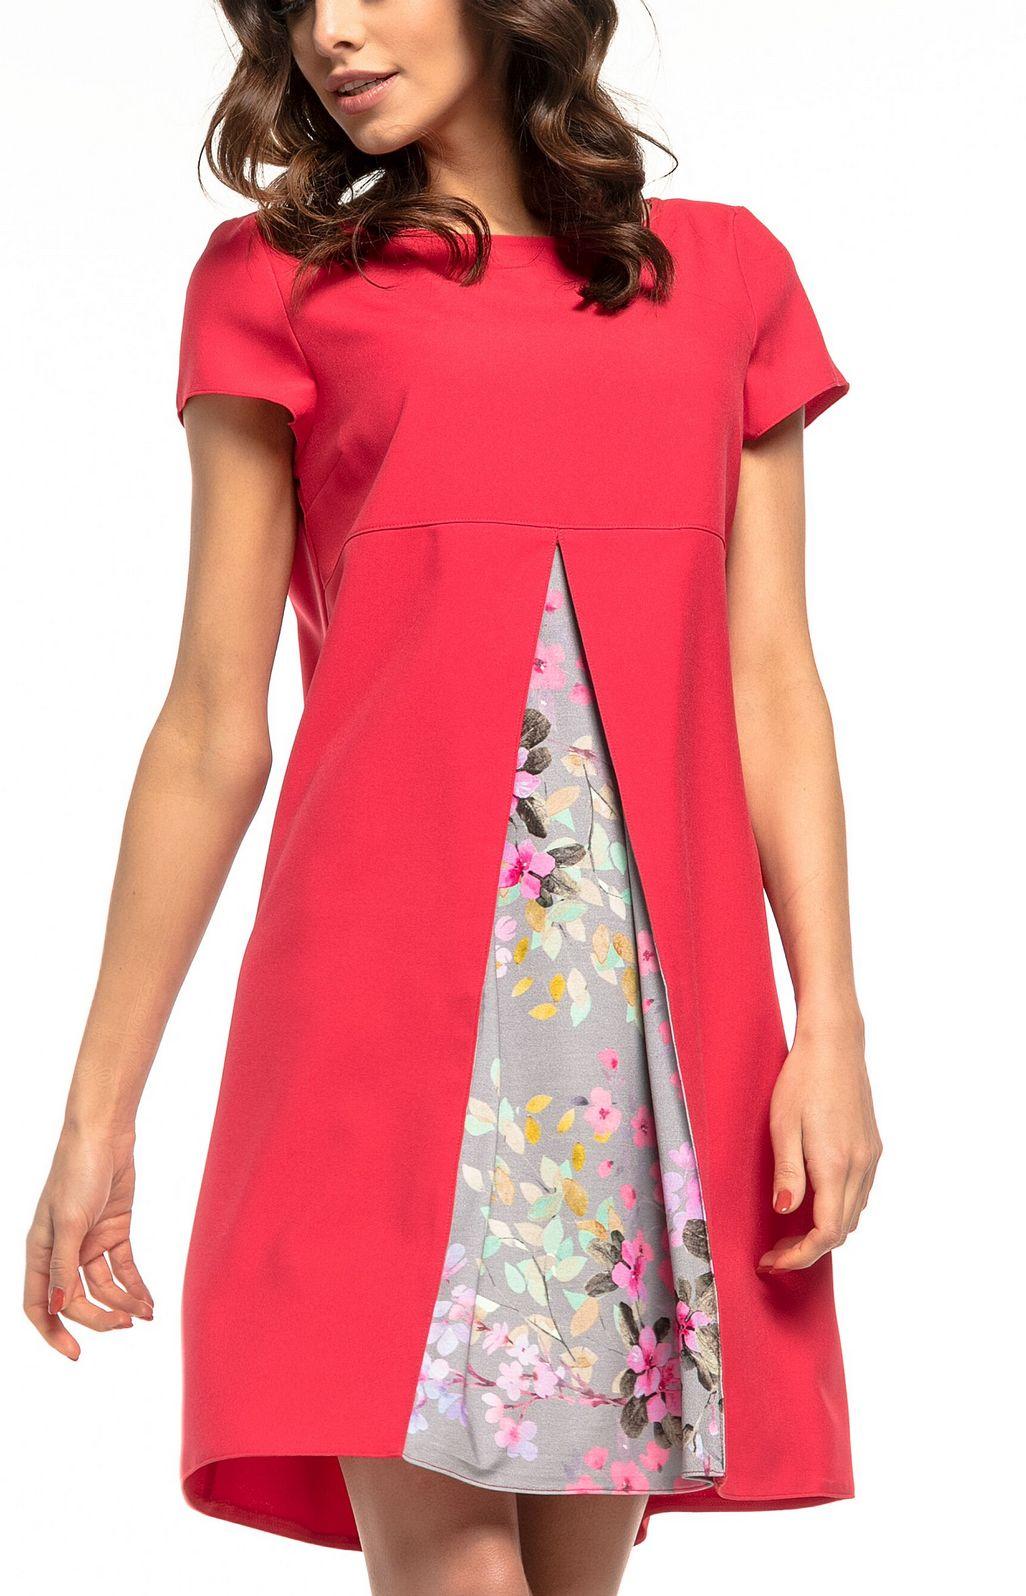 241c4d93808 Robe trapèze courte rouge imprimée fleurs Tess T262R   idresstocode  boutique  de déshabillés et nuisettes